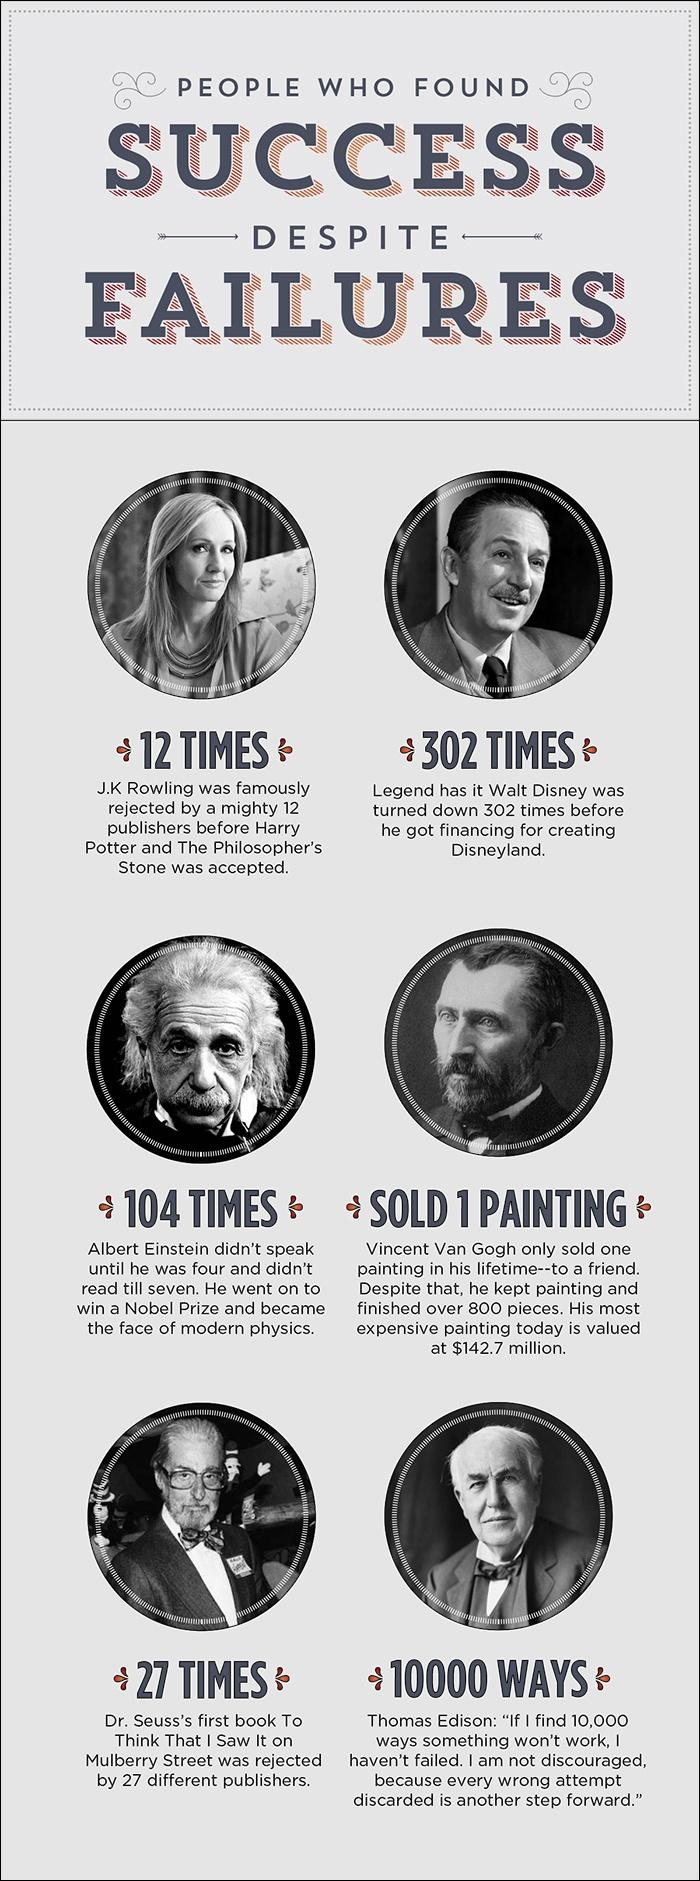 success despite failure examples